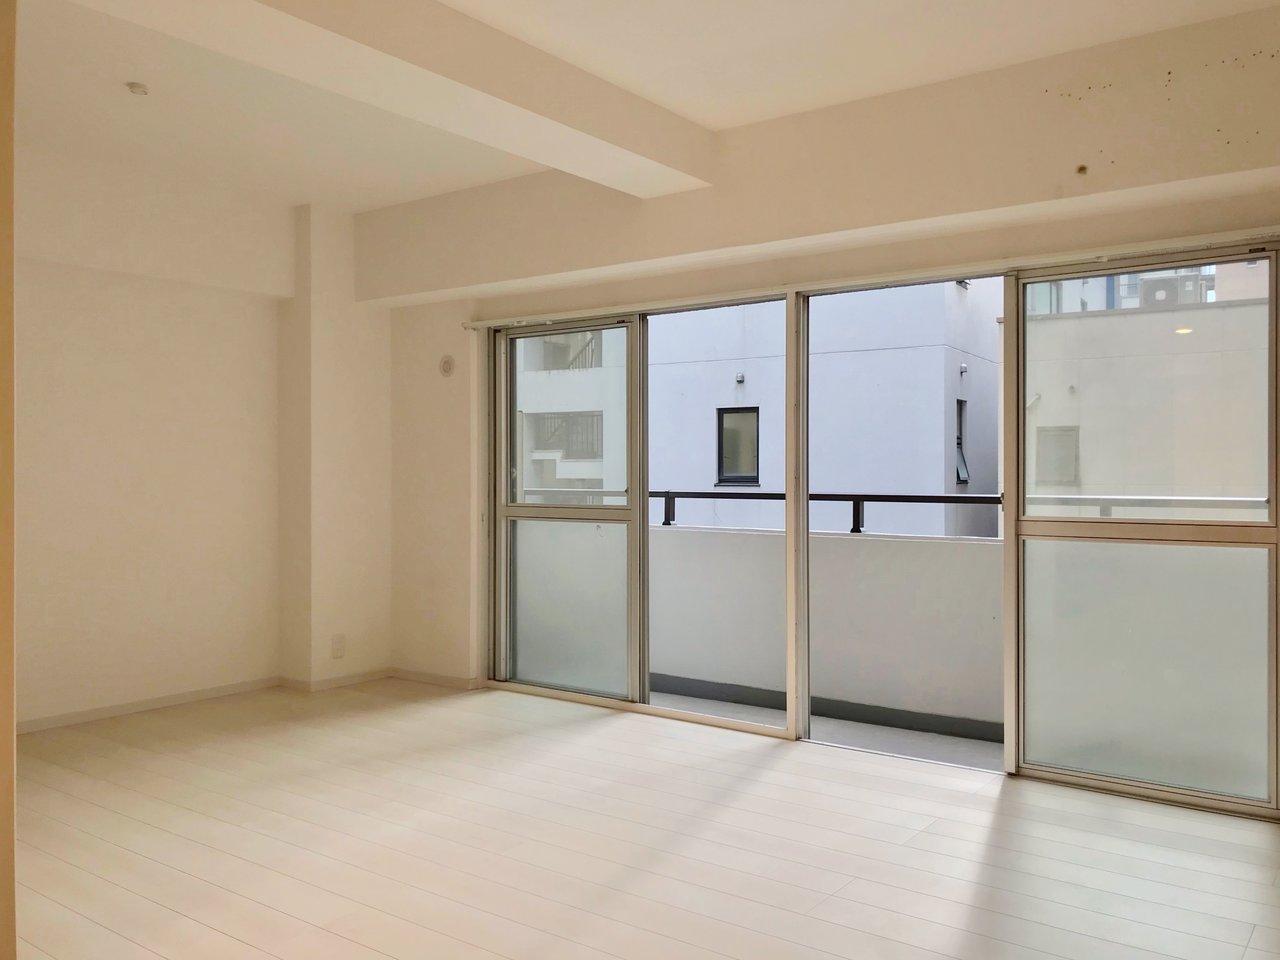 天神徒歩10分圏内にあるヴィンテージマンション。2部屋をひとつに繋げたような間取りになっていて、とにかくスペースがゆったりとしているのが特徴です。